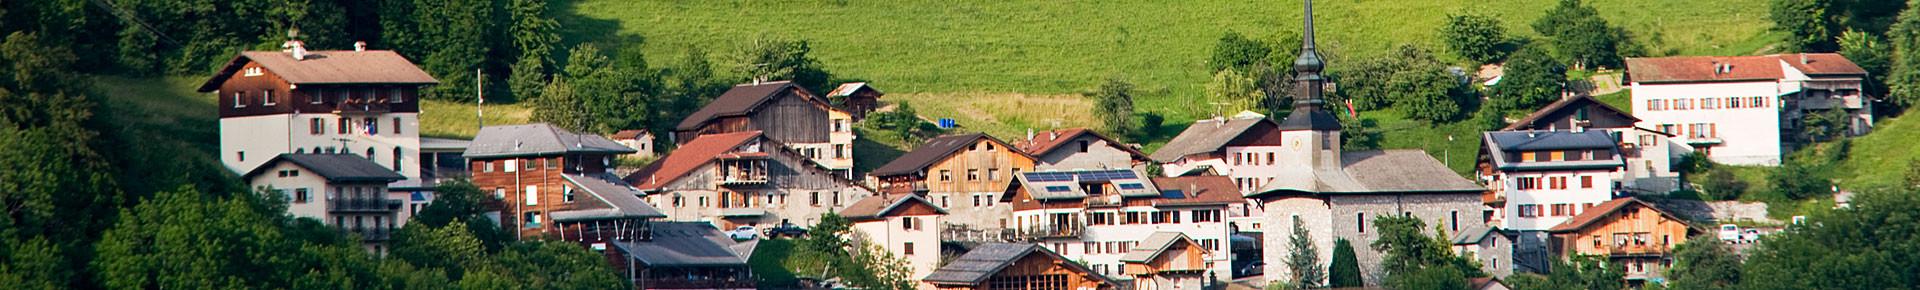 Le village de La Forclaz en été